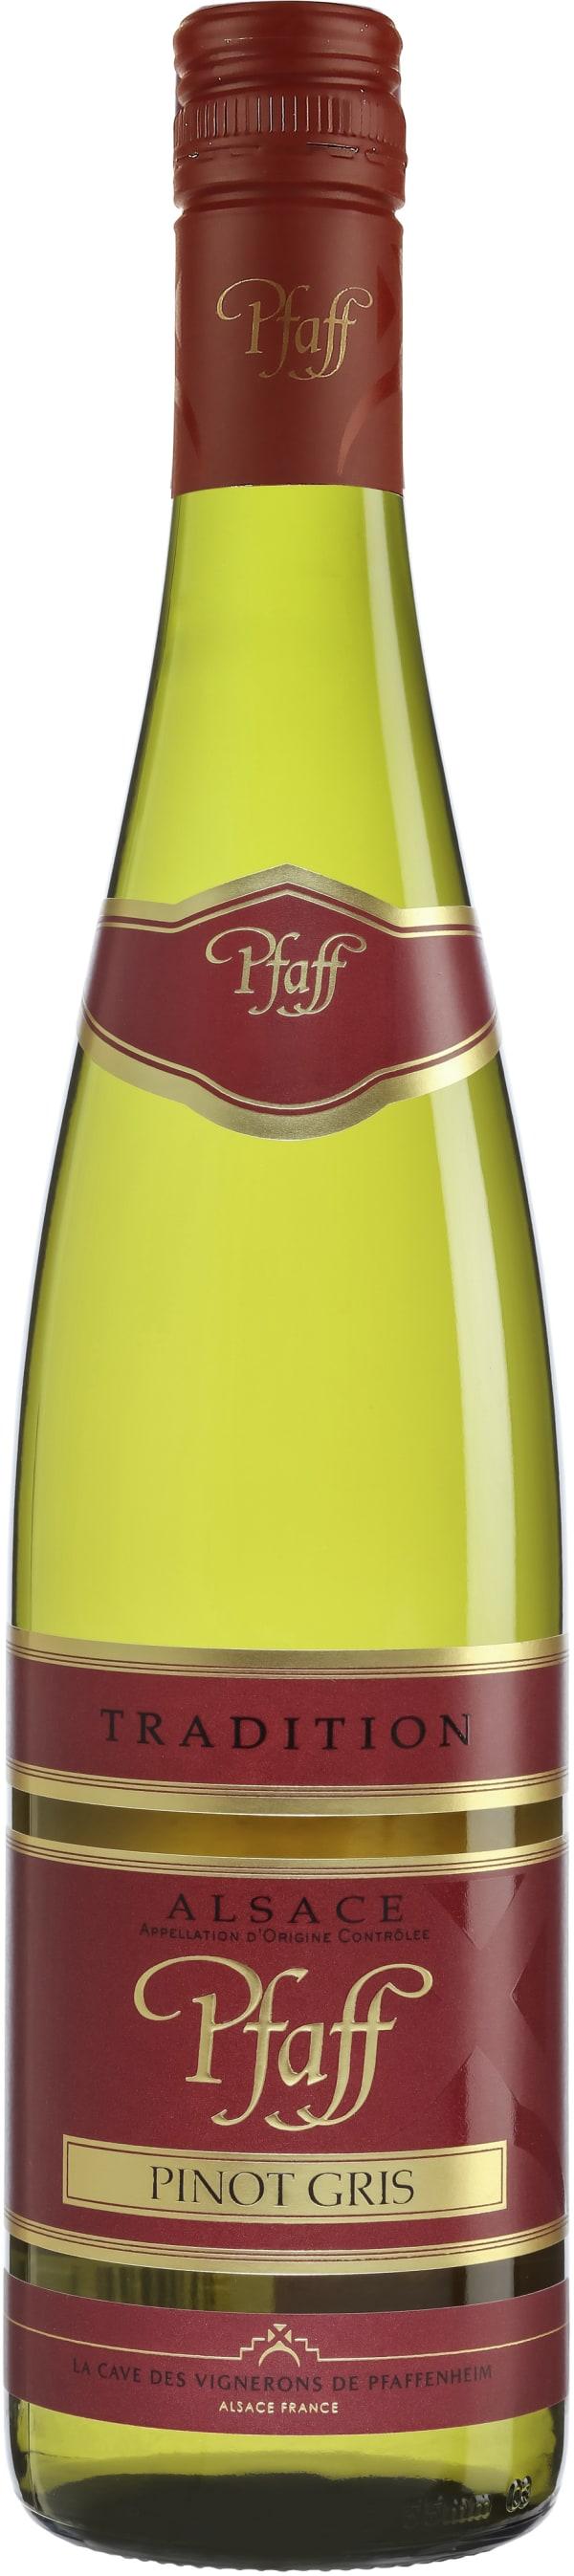 Pfaff Pinot Gris 2020